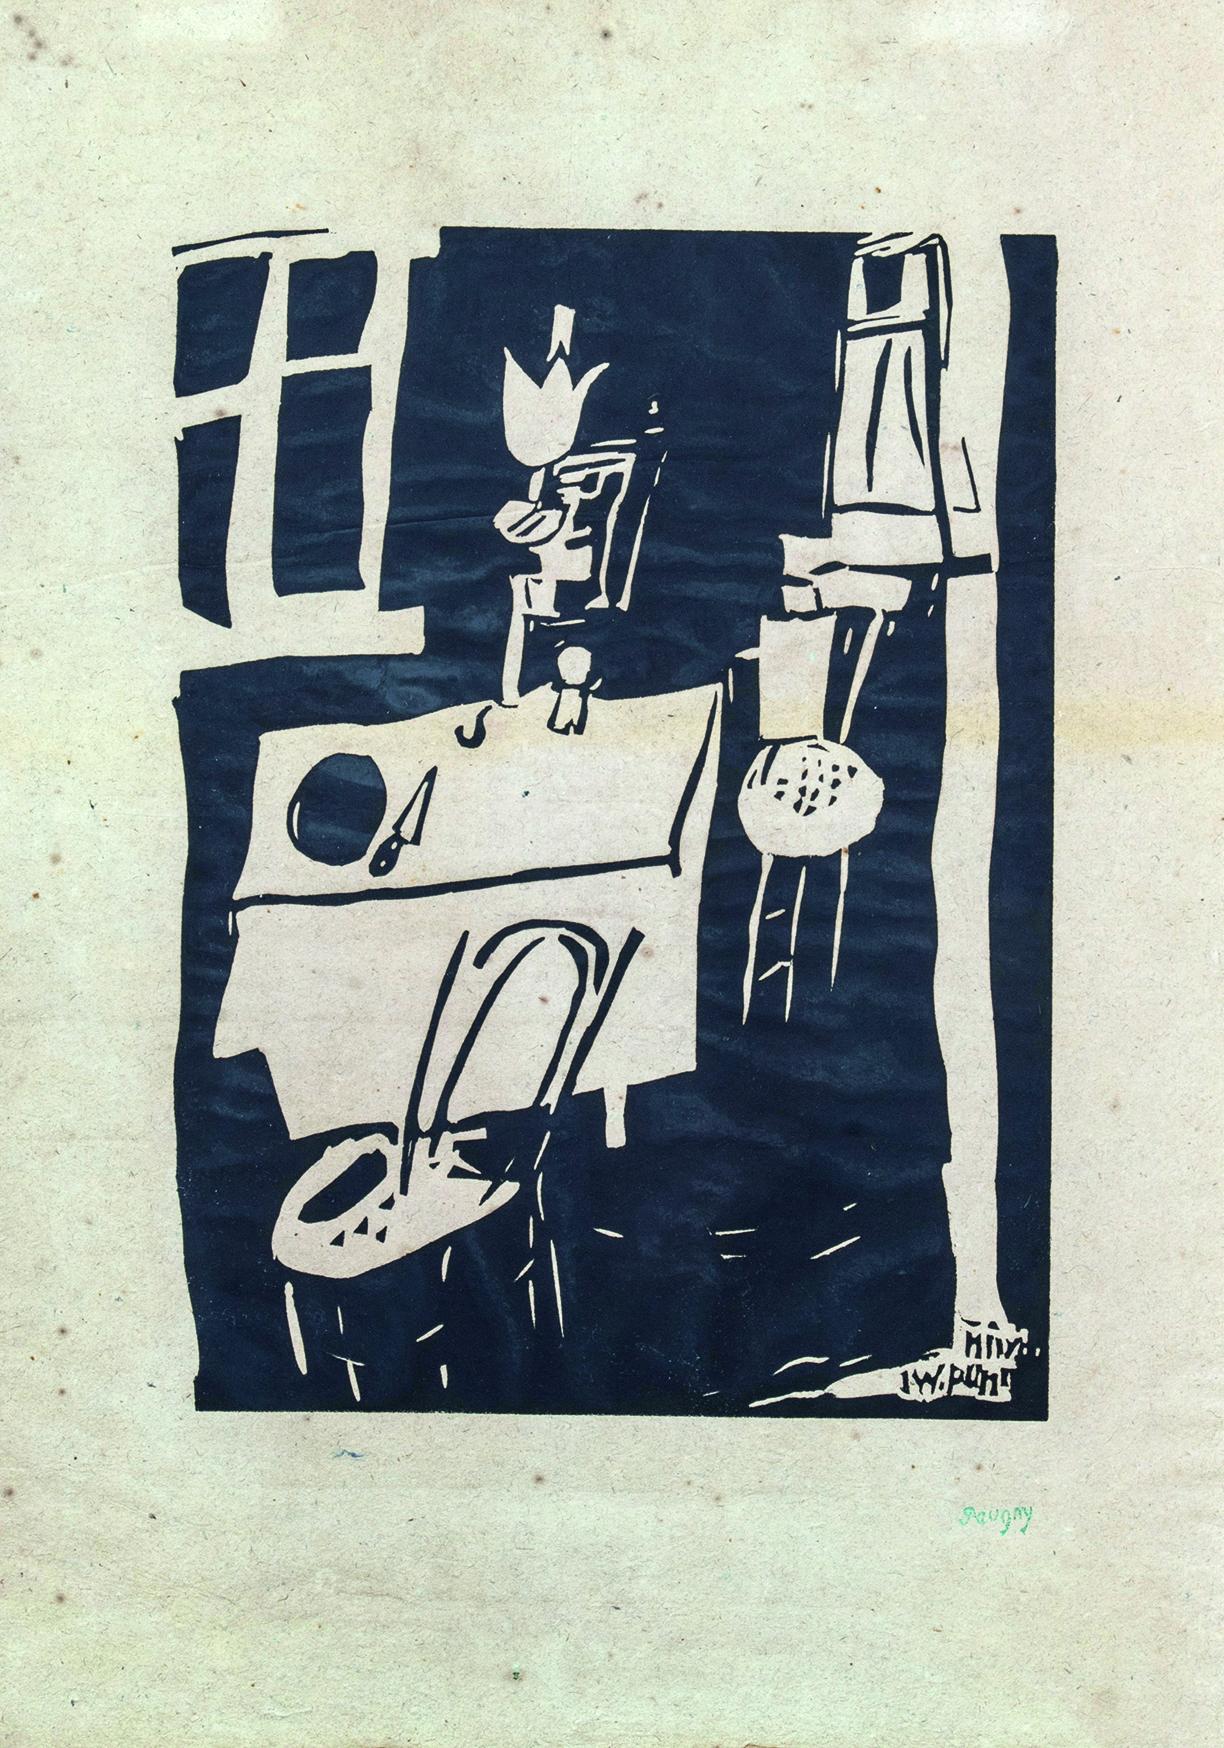 Jean Pougny , l'atelier, linogravure, cachet de la signature, 44 x 31 cm